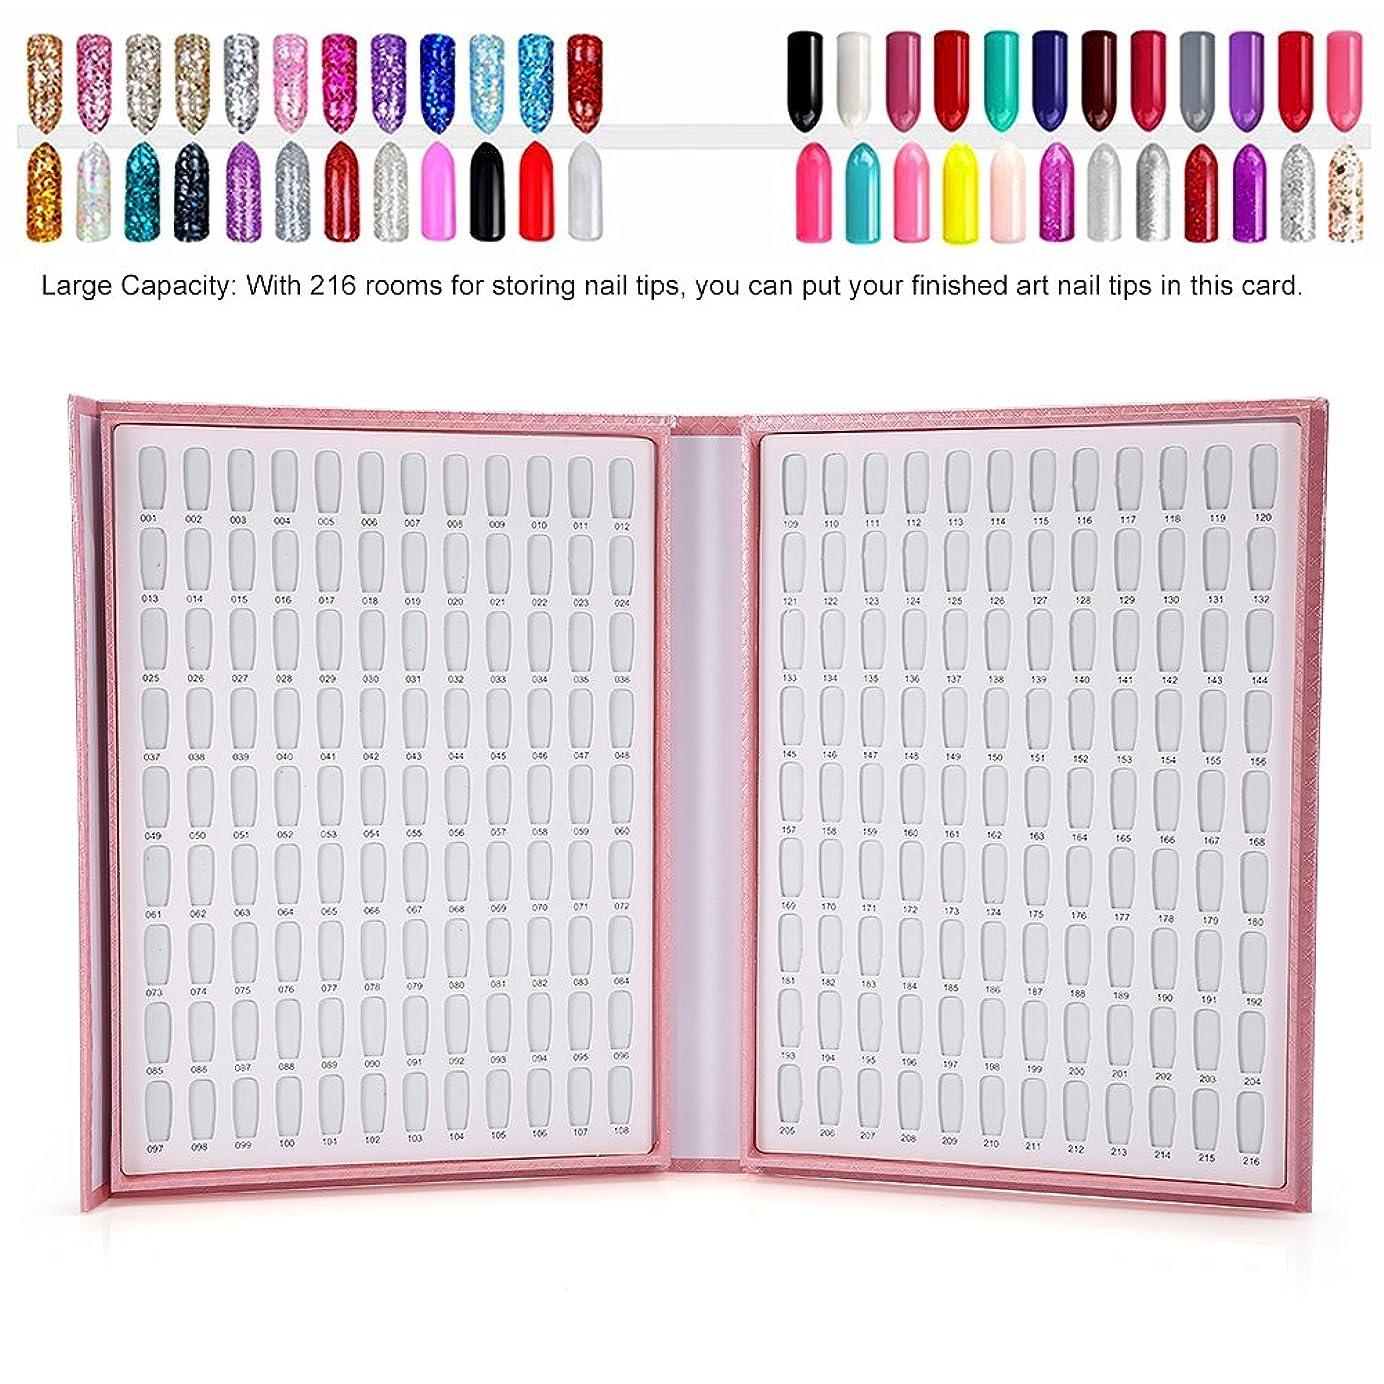 ミリメートル取り戻す誰か216色ネイルジェルカラーカードネイルポリッシュ表示図書ネイルアート陳列棚(ピンク)